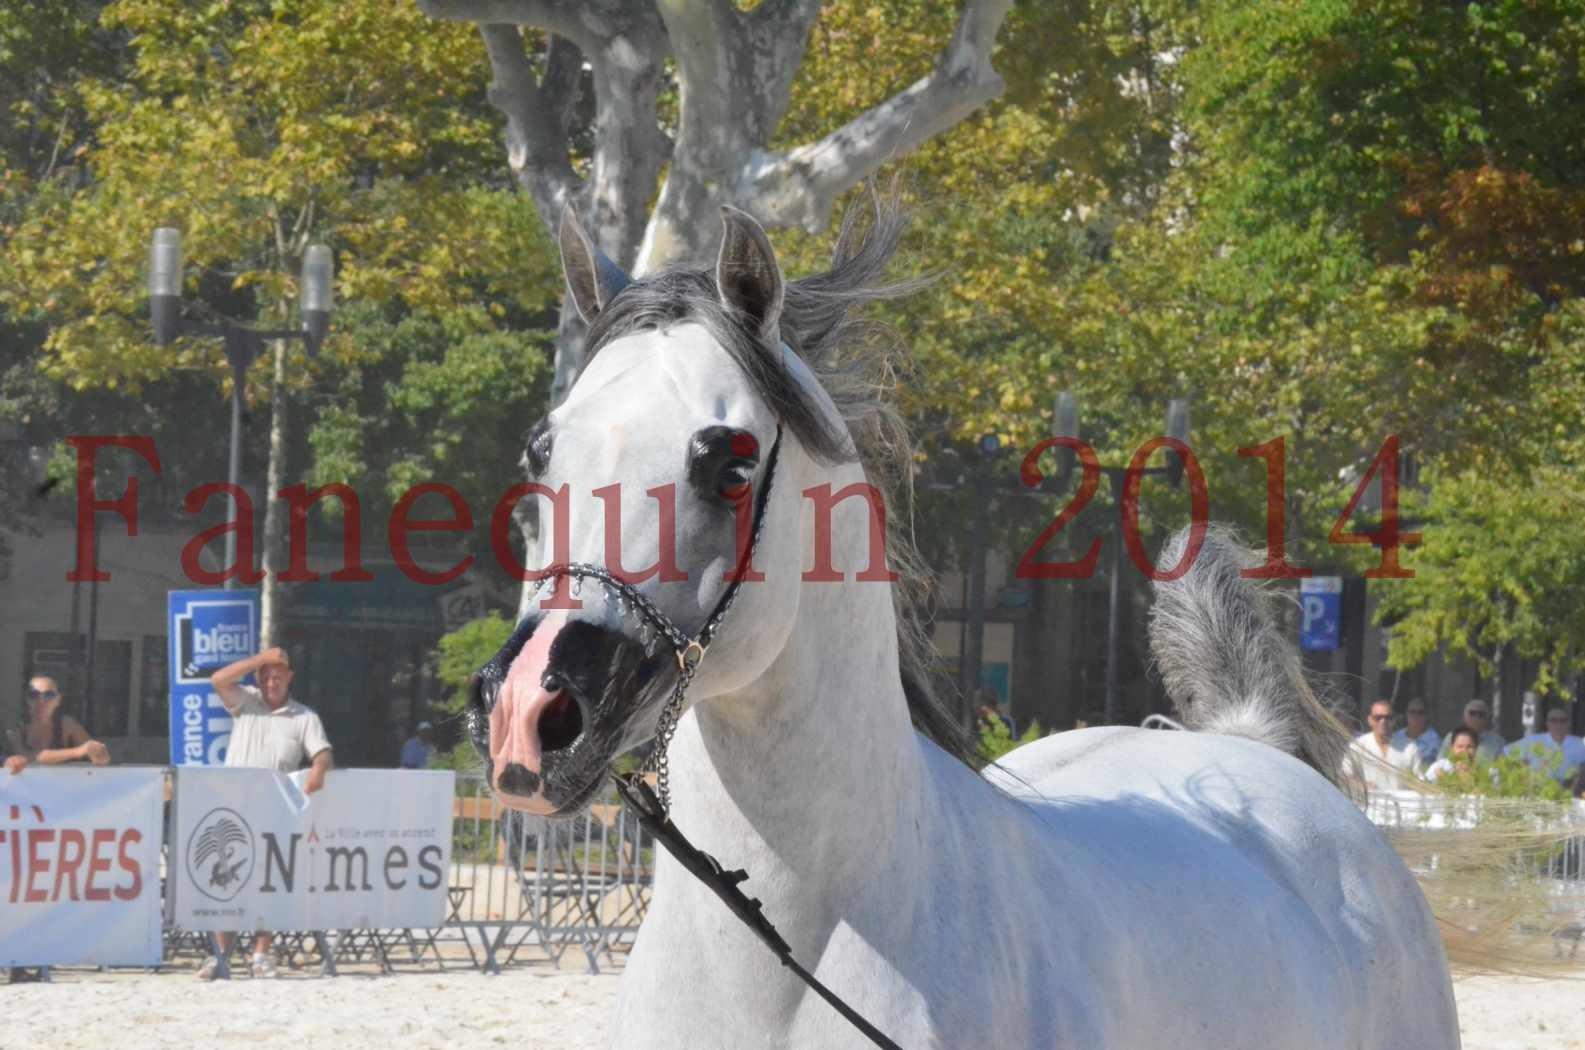 Concours National de Nîmes de chevaux ARABES 2014 - Championnat - SHAOLIN DE NEDJAIA - 22